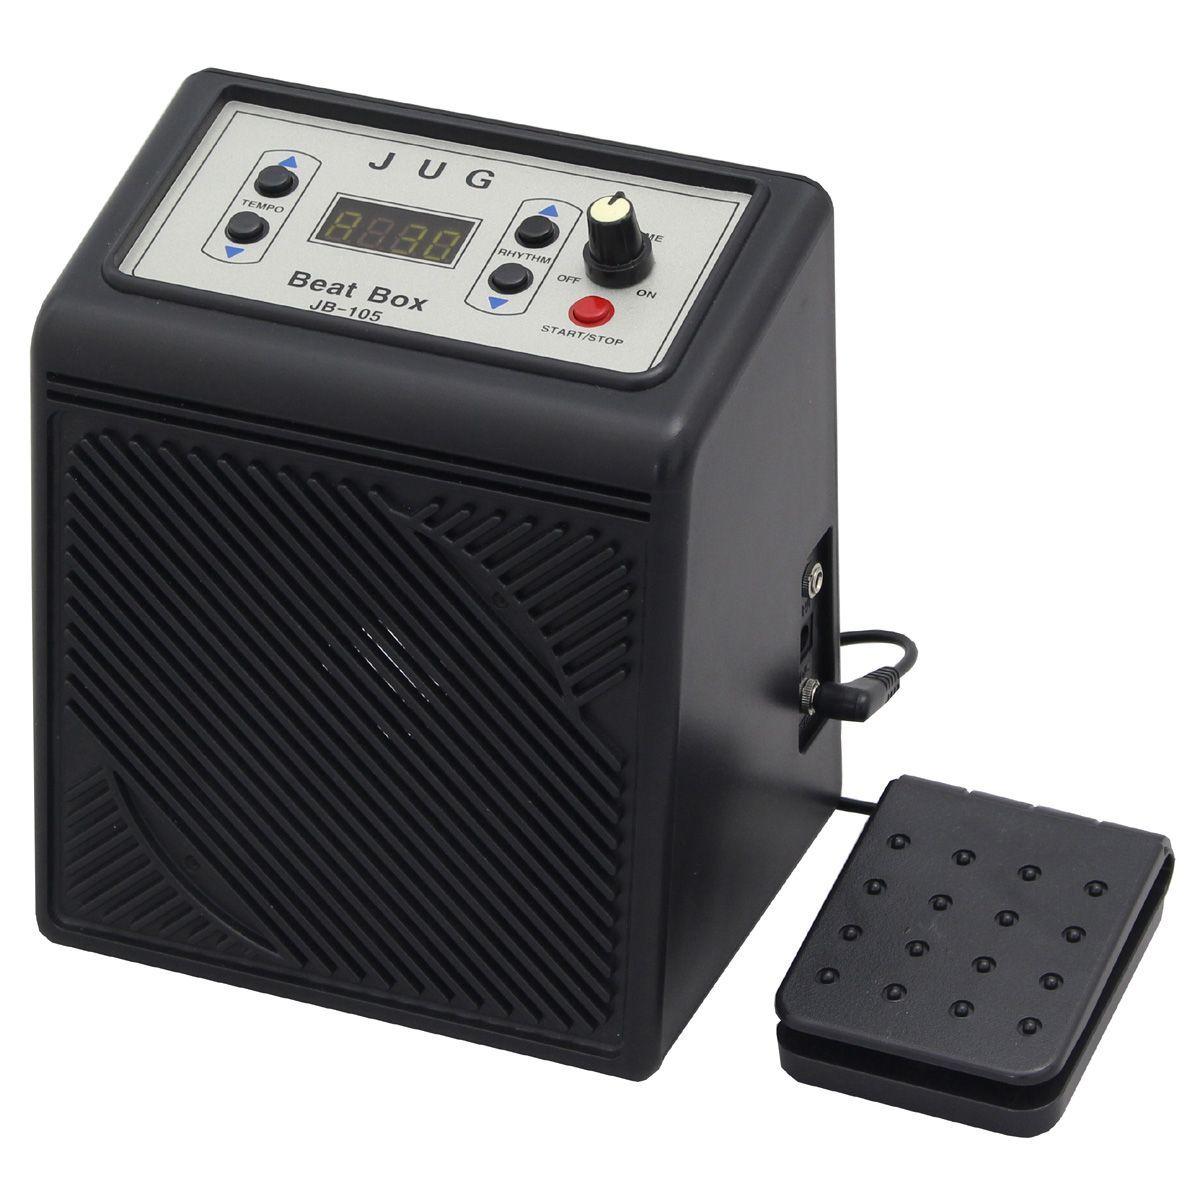 島村楽器、簡単操作のリズムボックス「BeatBox JB105」